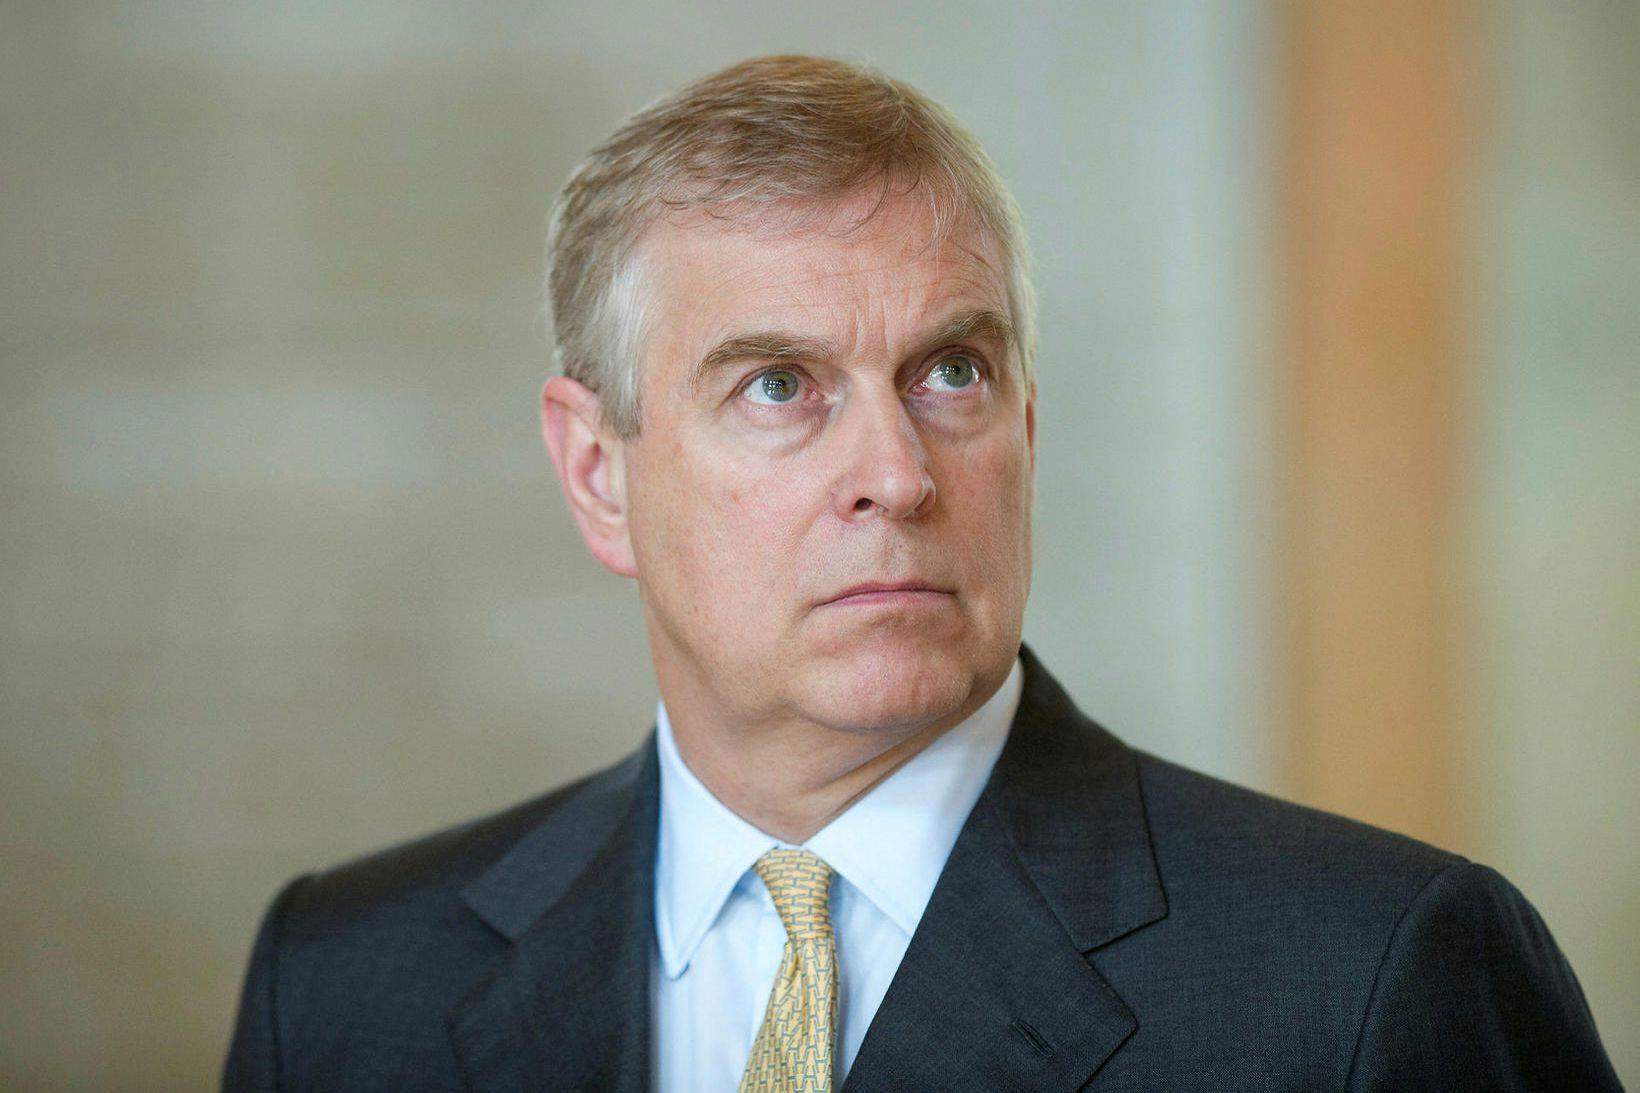 Andrési Bretaprinsi, hertoga af Jórvík, ber skylda til að bera …